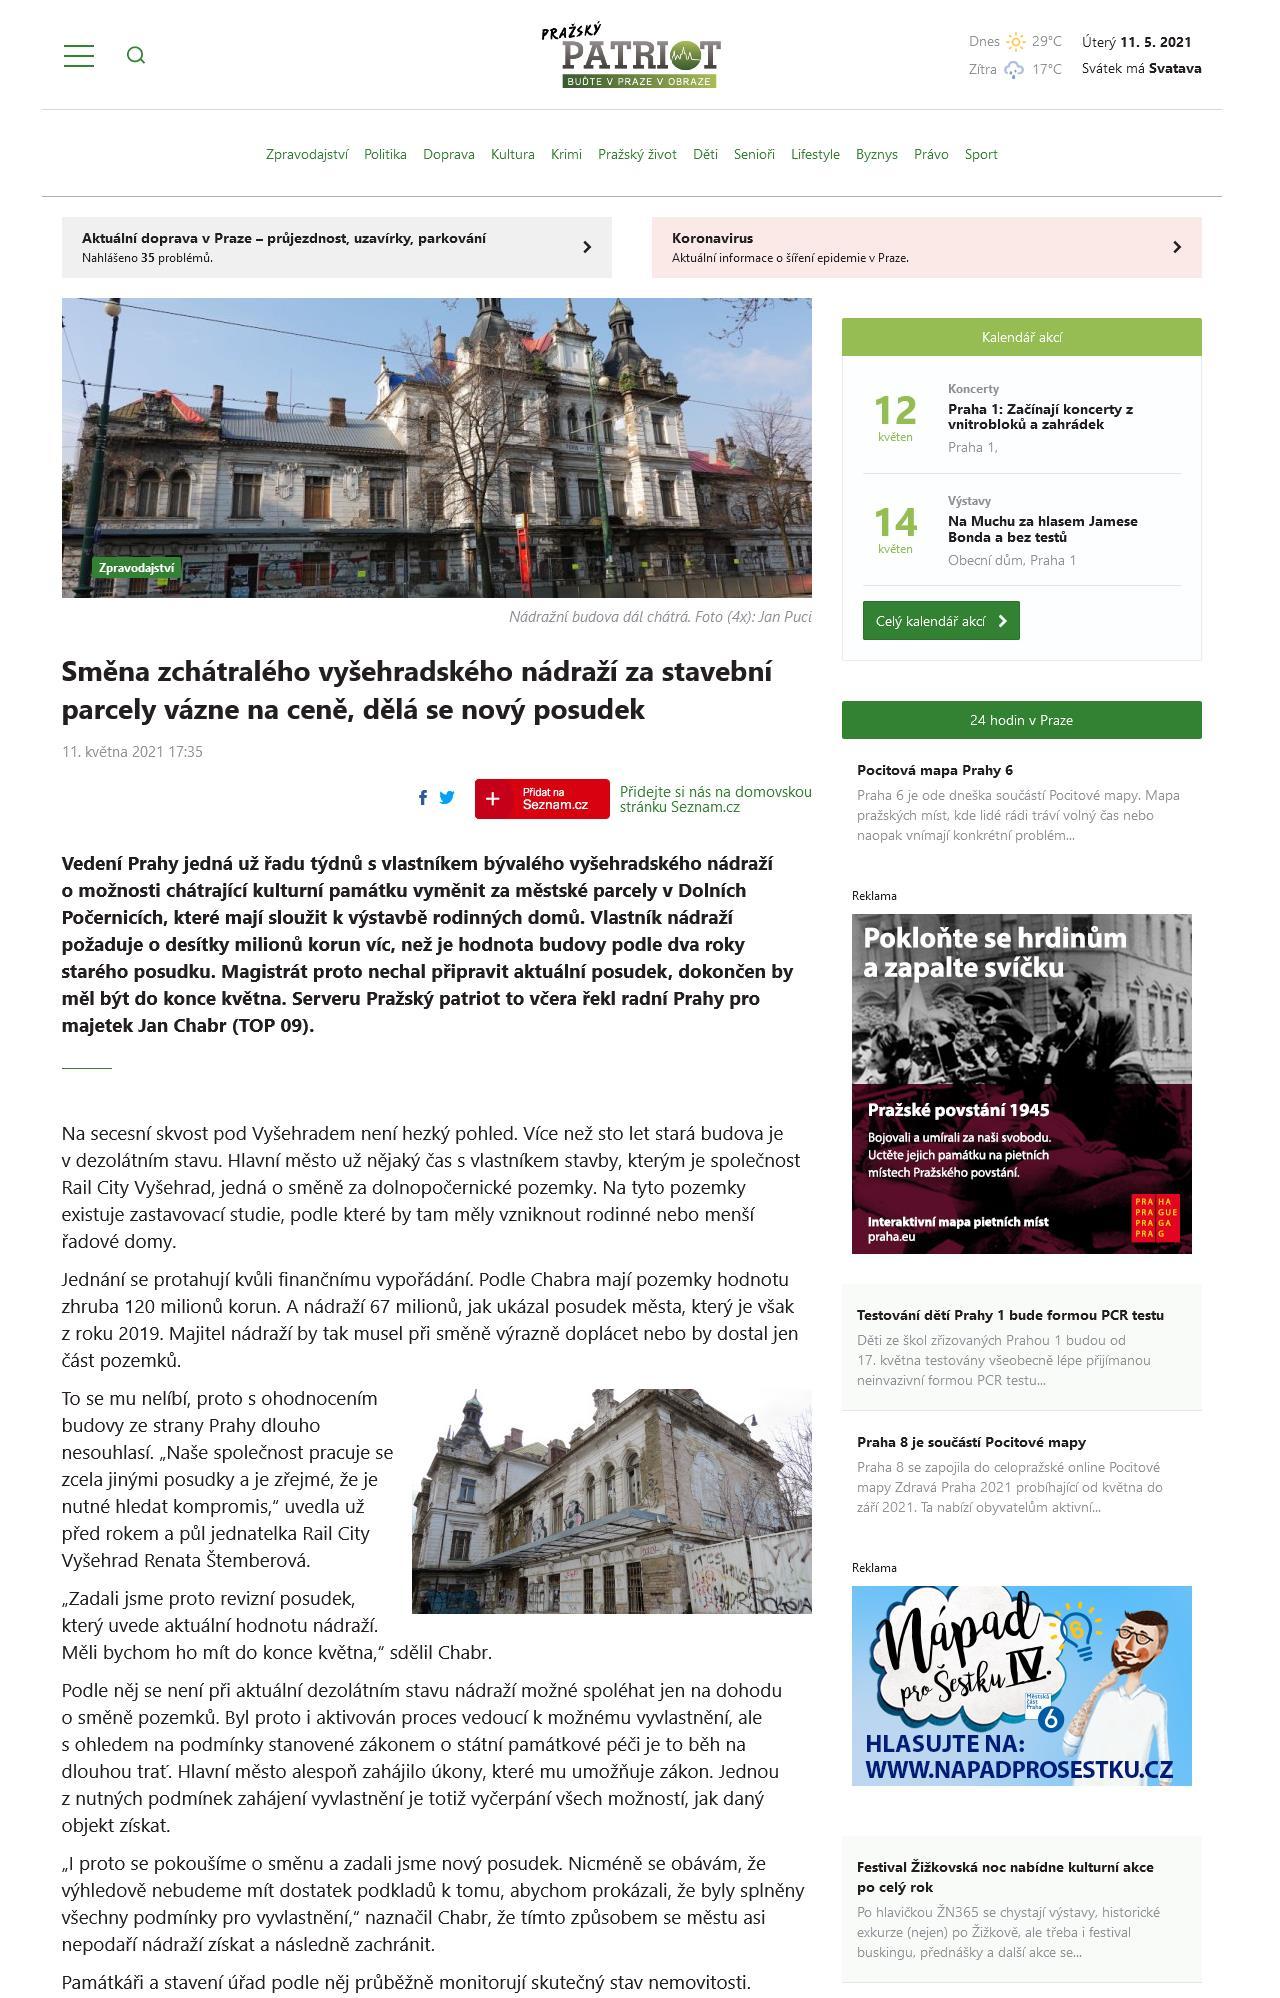 PrazskyPatriot.cz: Směna zchátralého vyšehradského nádraží za stavební parcely vázne na ceně, dělá se nový posudek